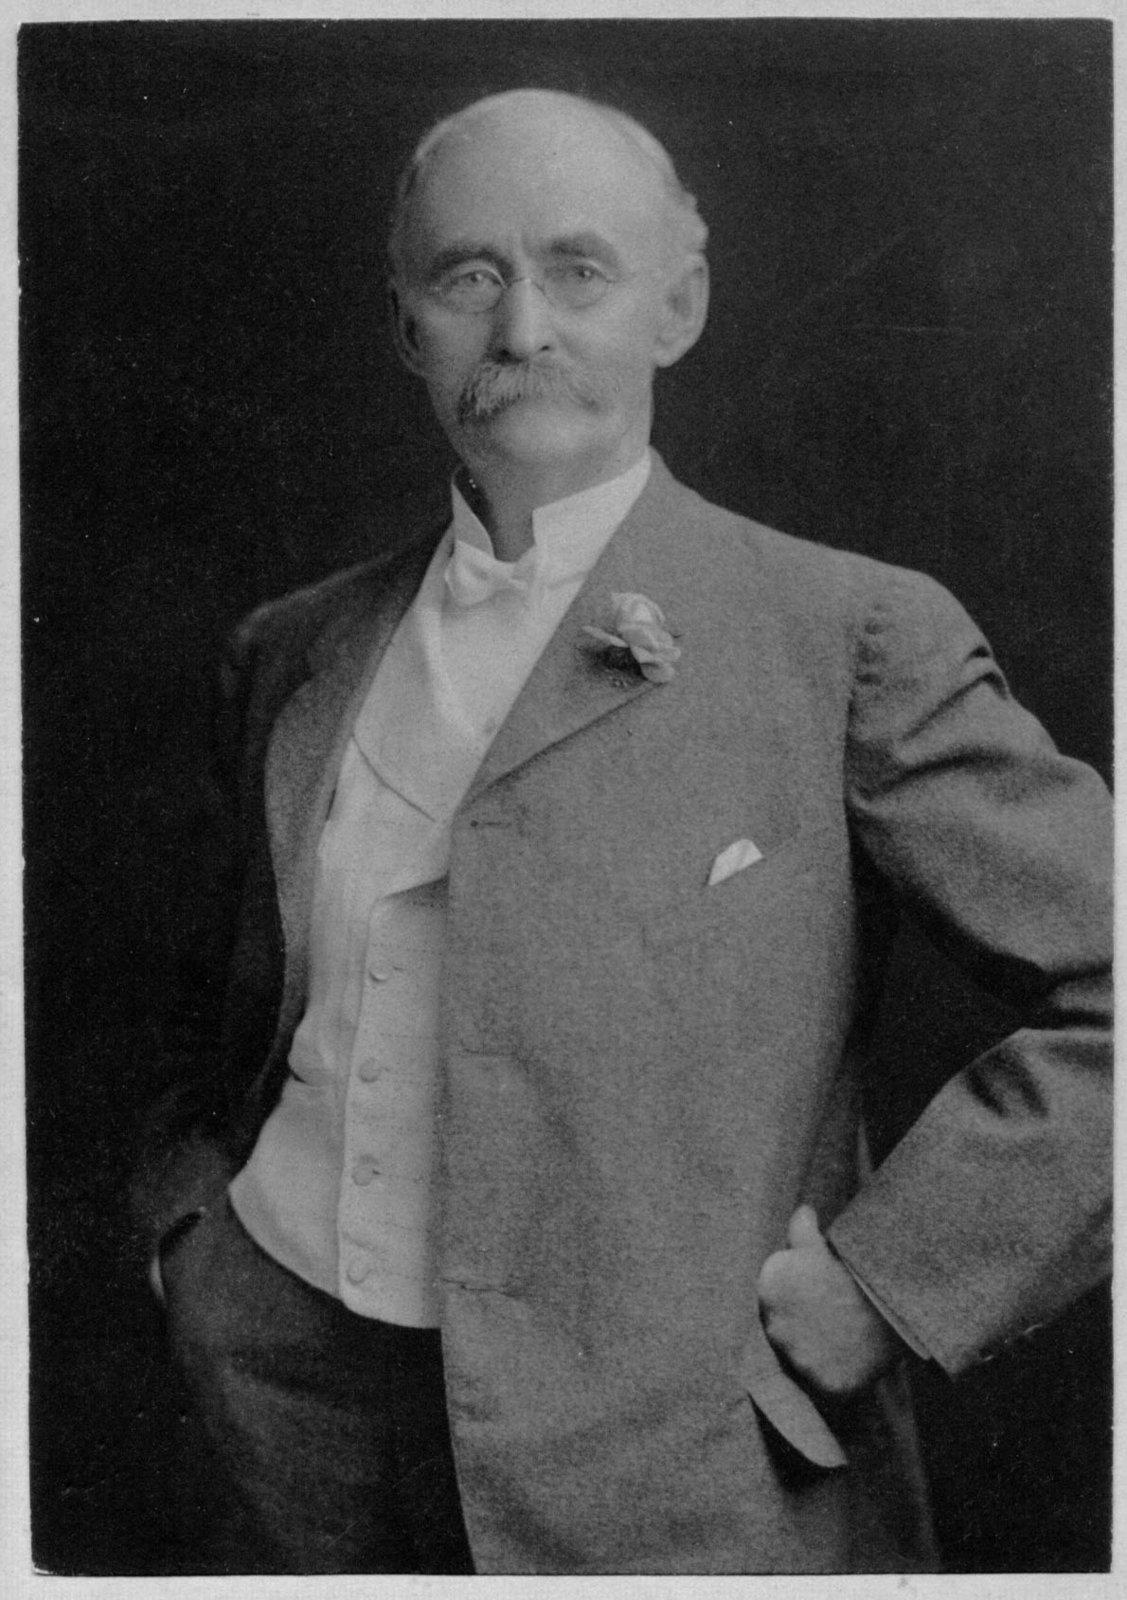 Portrait of George C. Hughes